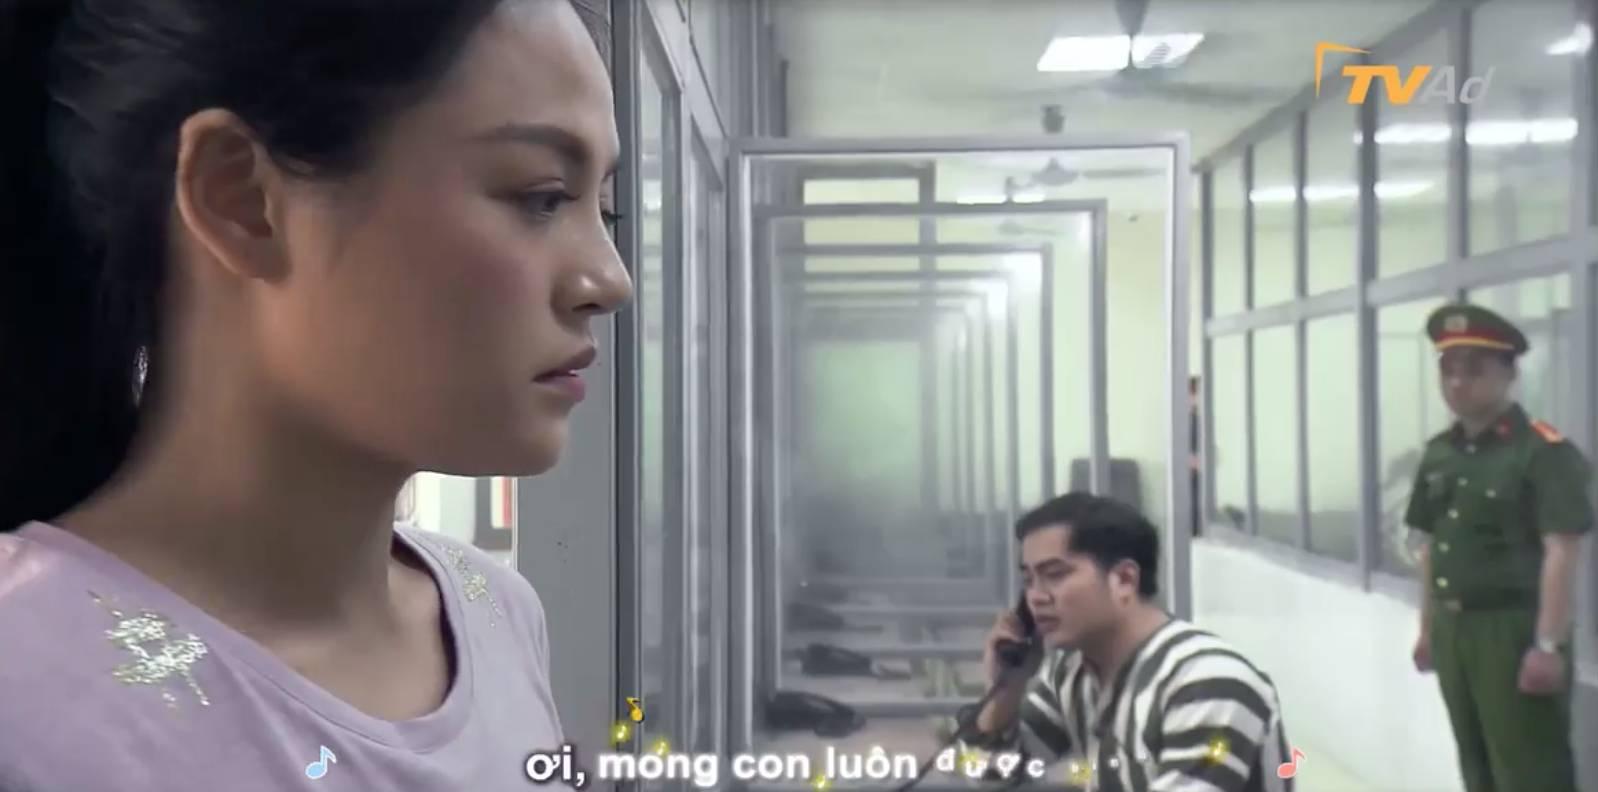 Hot: Hé lộ cảnh Khải Về nhà đi con đi tù, Huệ đến thăm nhưng vẫn phũ phàng-4